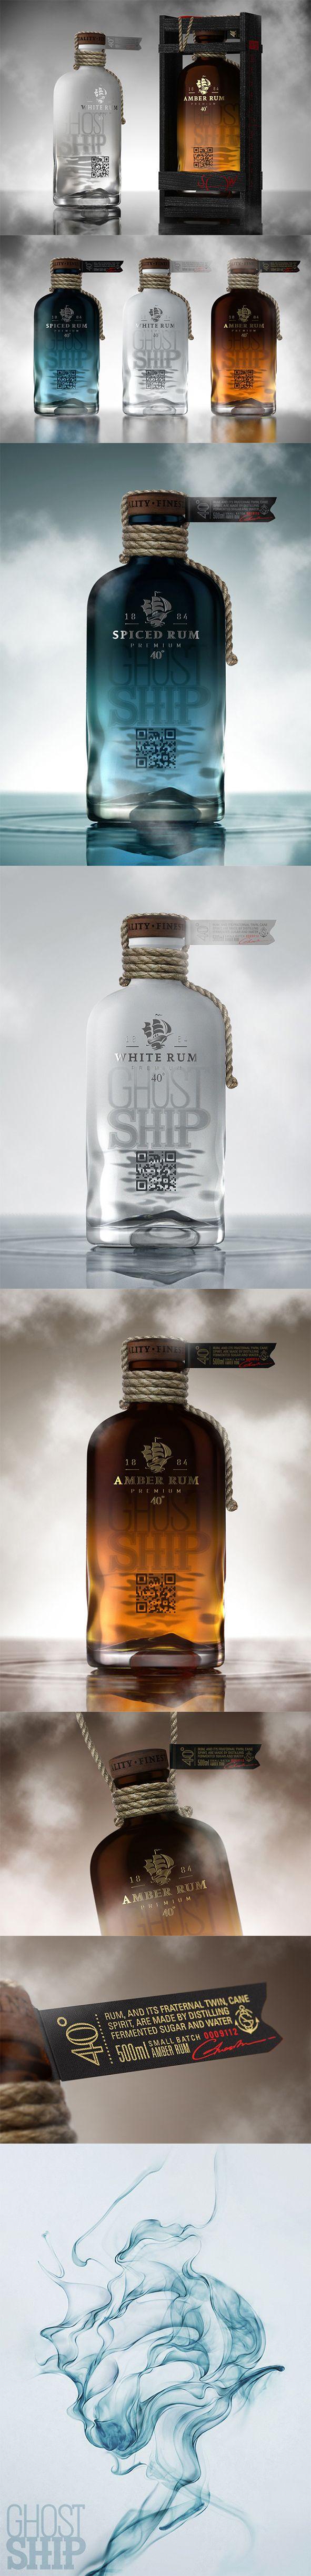 Ghost Ship Rum Un autre logo avec un voilier. La corde est présente sur la bouteille, mais pas dessinée. Intéressant.